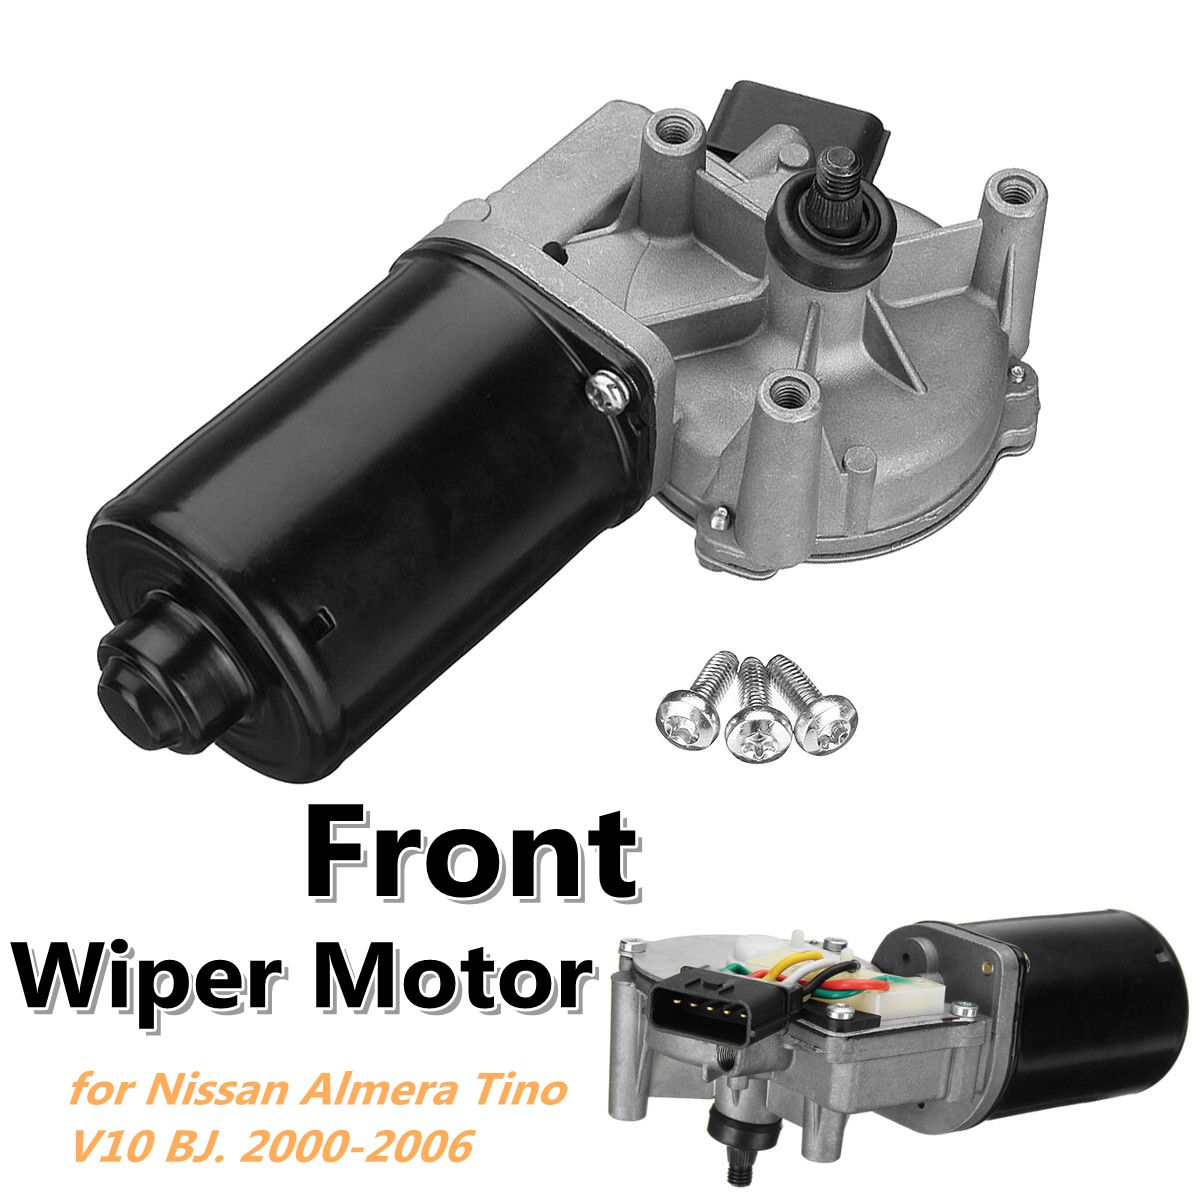 Car Front Windscreen Wiper Motor 28815-BU000 0390241373 for Nissan Almera Tino V10 1998-2006 MPV